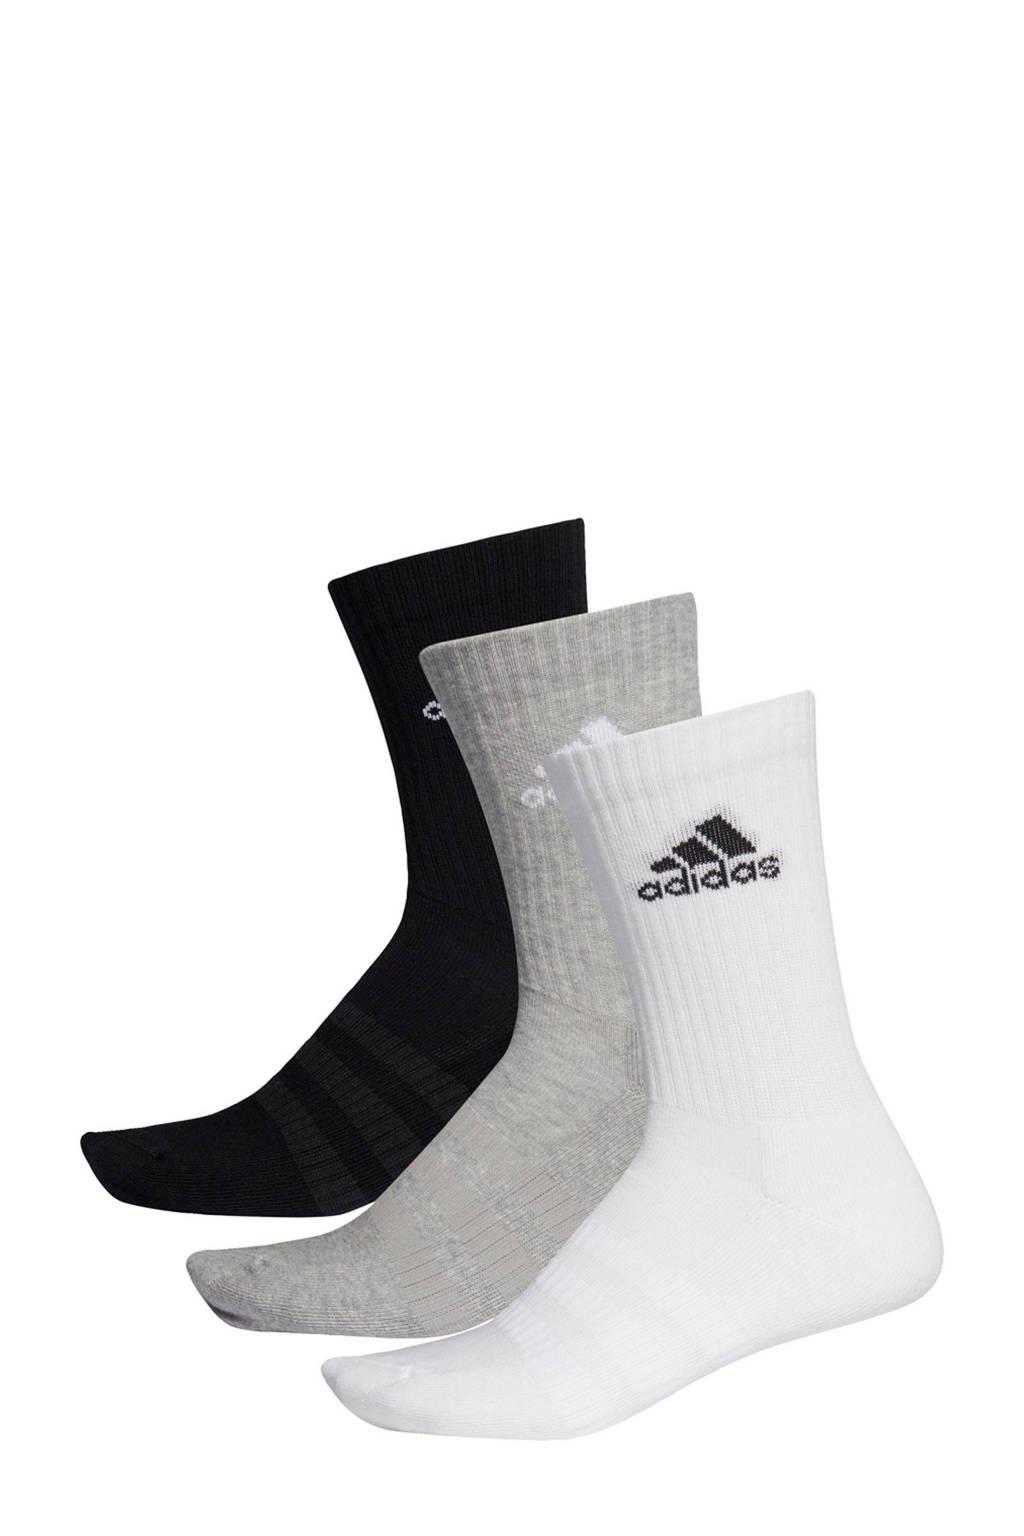 adidas   sportsokken (set van 3) zwart/grijs/wit, Zwart/grijs/wit